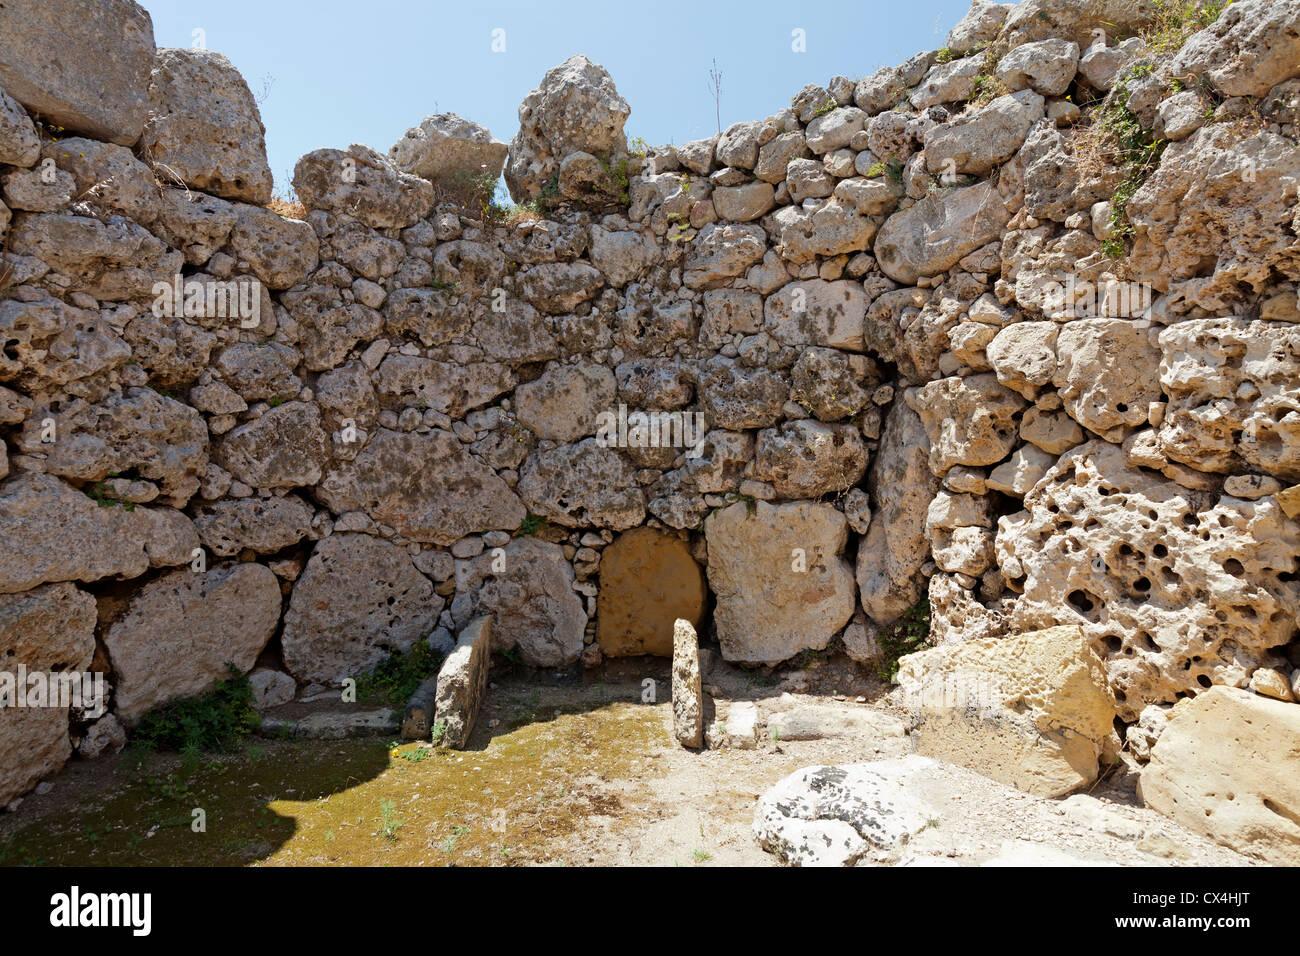 Camera rotonda presso i templi di Ggantija vicino Xagha, isola di Gozo, vicino a Malta, Mare Mediterraneo. Immagini Stock